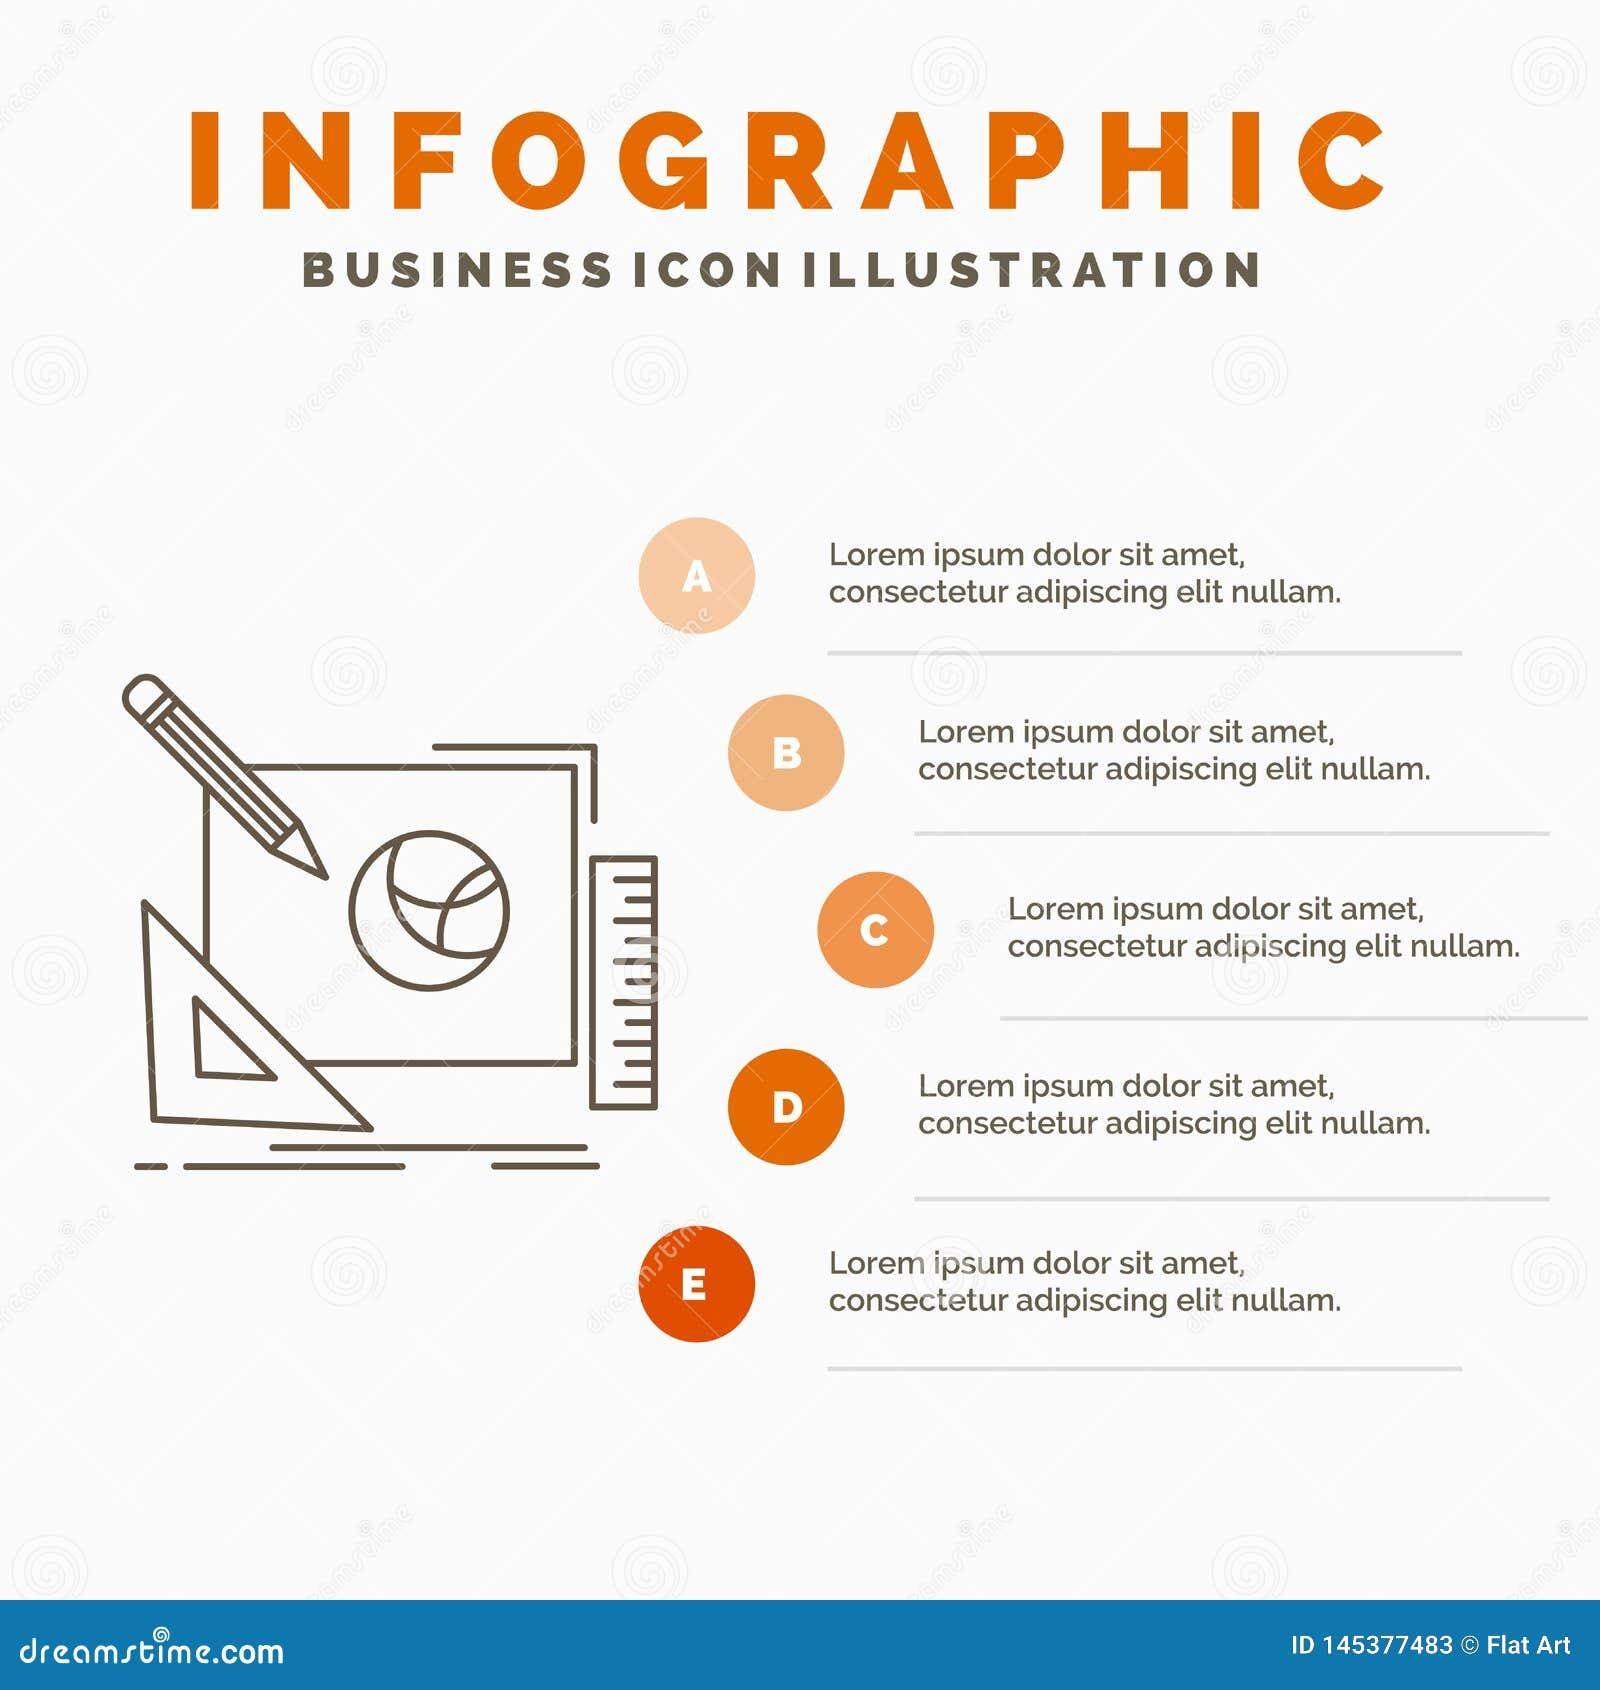 λογότυπο, σχέδιο, δημιουργικός, ιδέα, πρότυπο Infographics διαδικασίας σχεδίου για τον ιστοχώρο και παρουσίαση Γκρίζο εικονίδιο γ